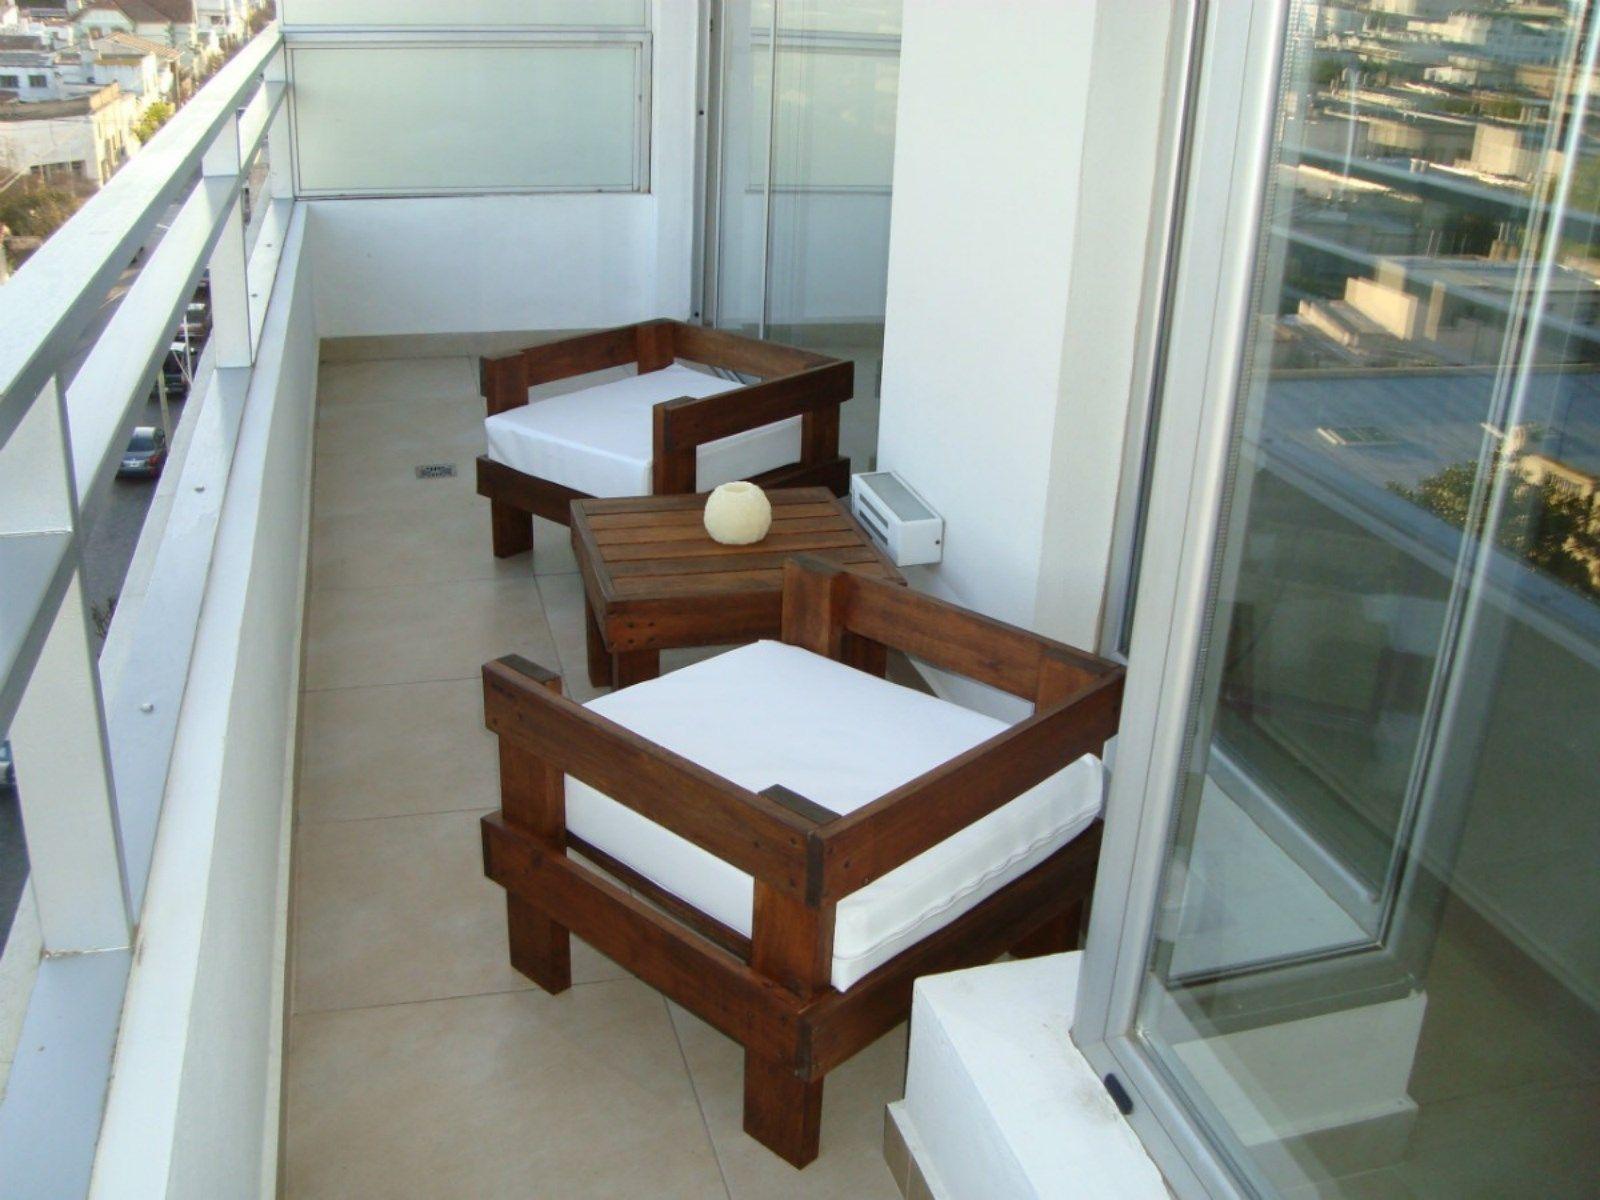 juego de dos sillones y una mesa ratona pensada para espacios reducidos como balcones